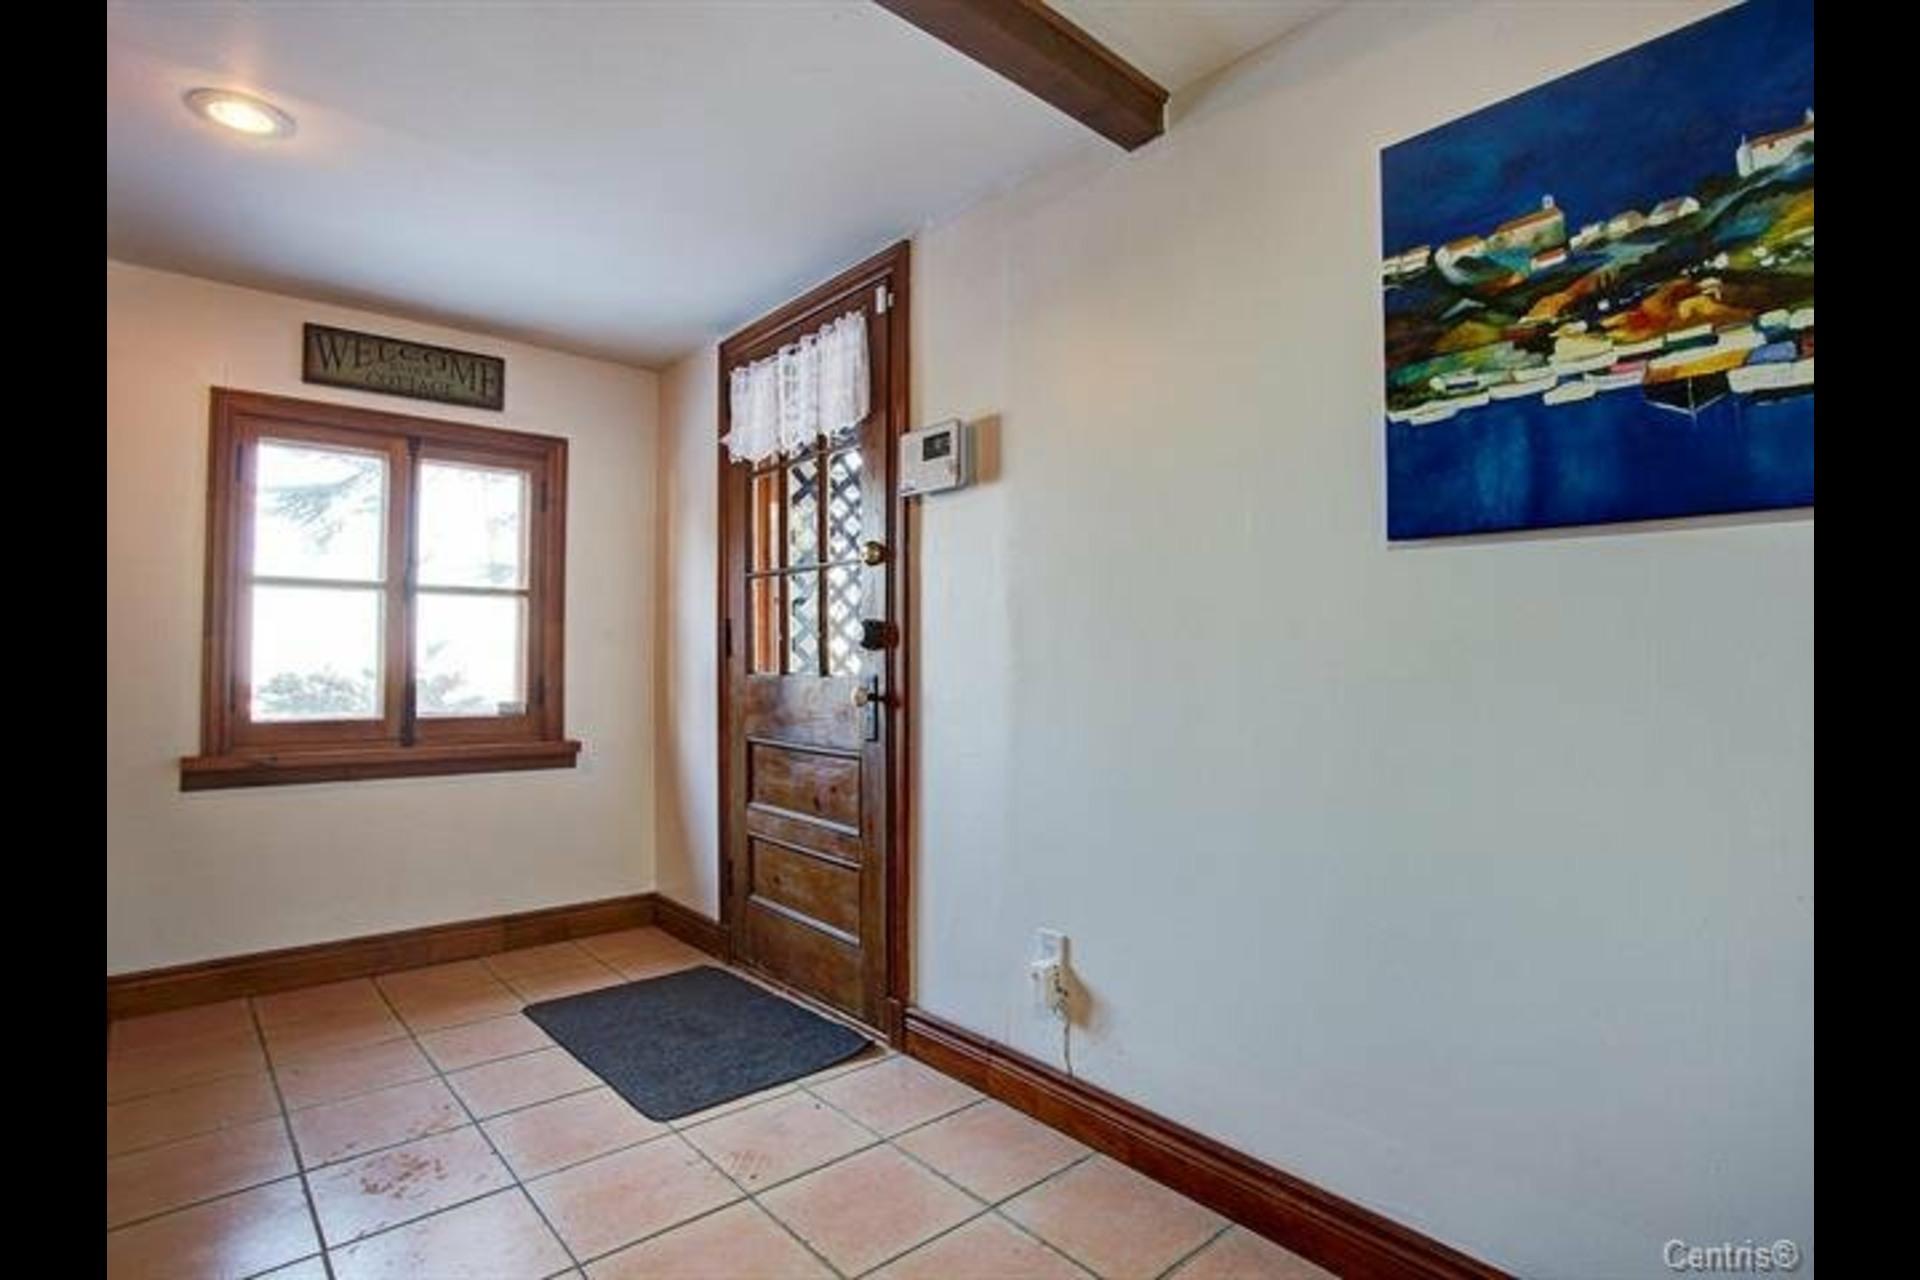 image 18 - MX - Casa sola - MX En venta Vaudreuil-Dorion - 12 habitaciones